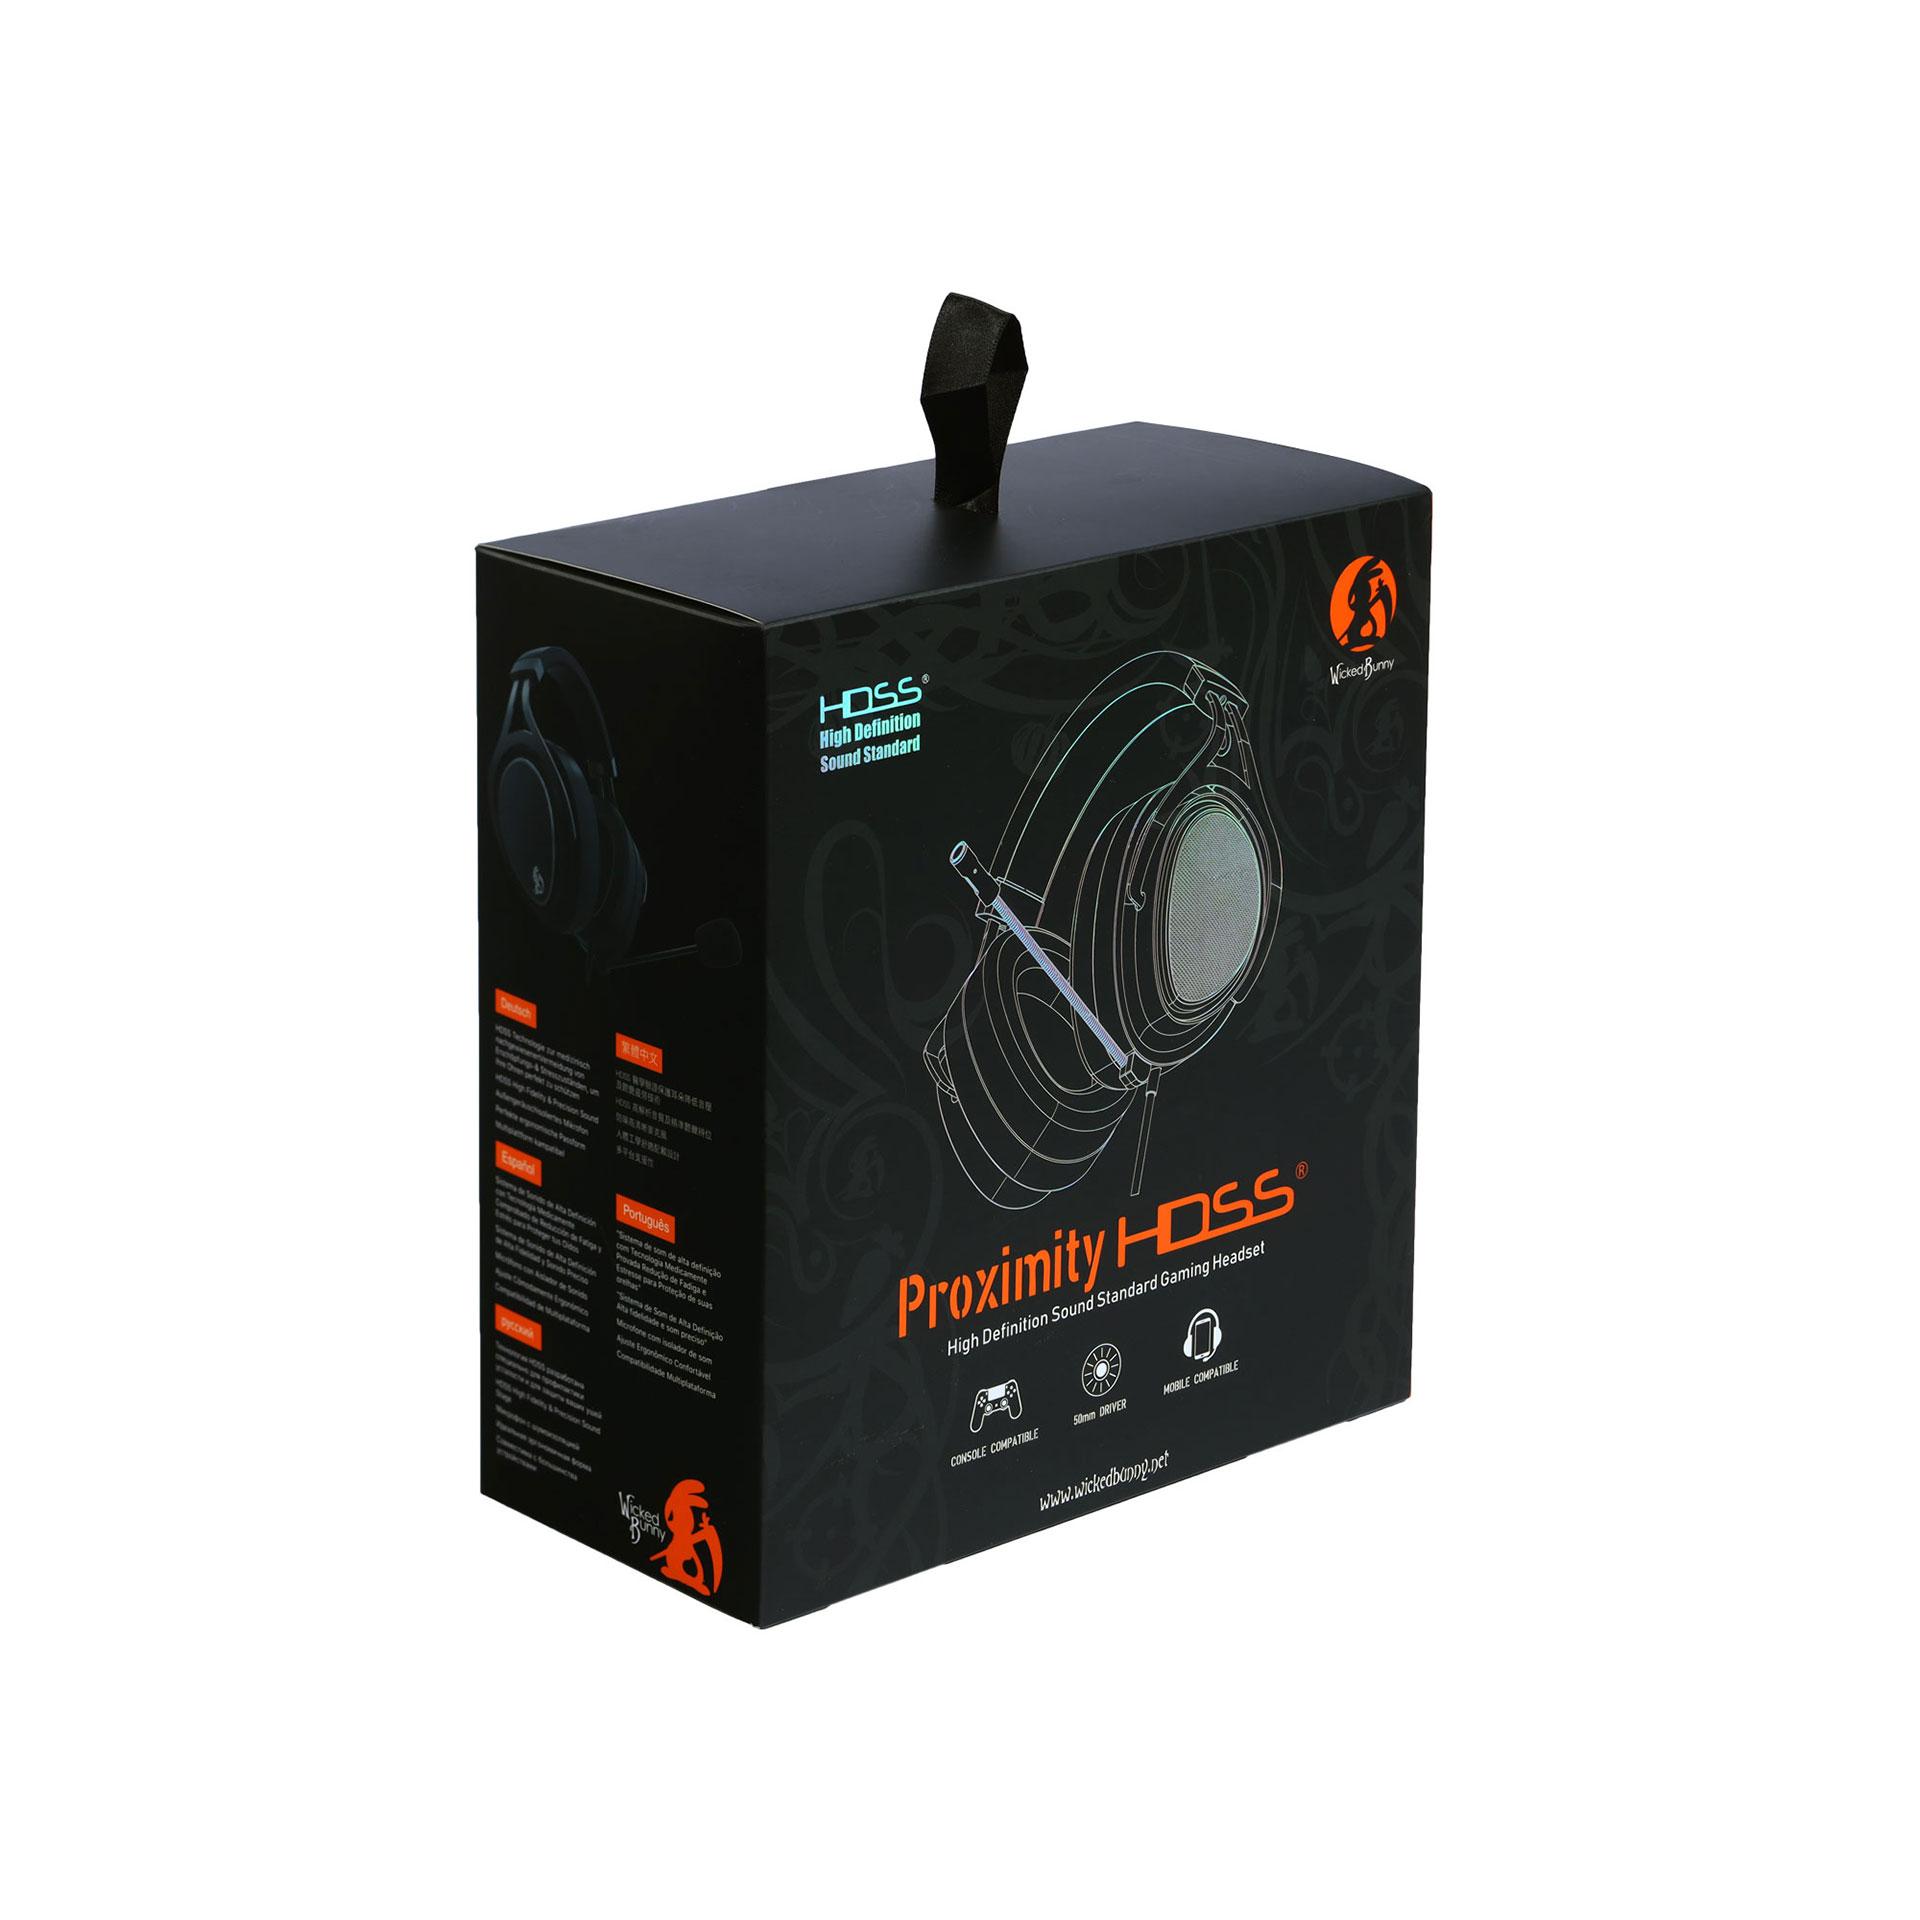 電競耳機- Proximity 神樂-HDSS